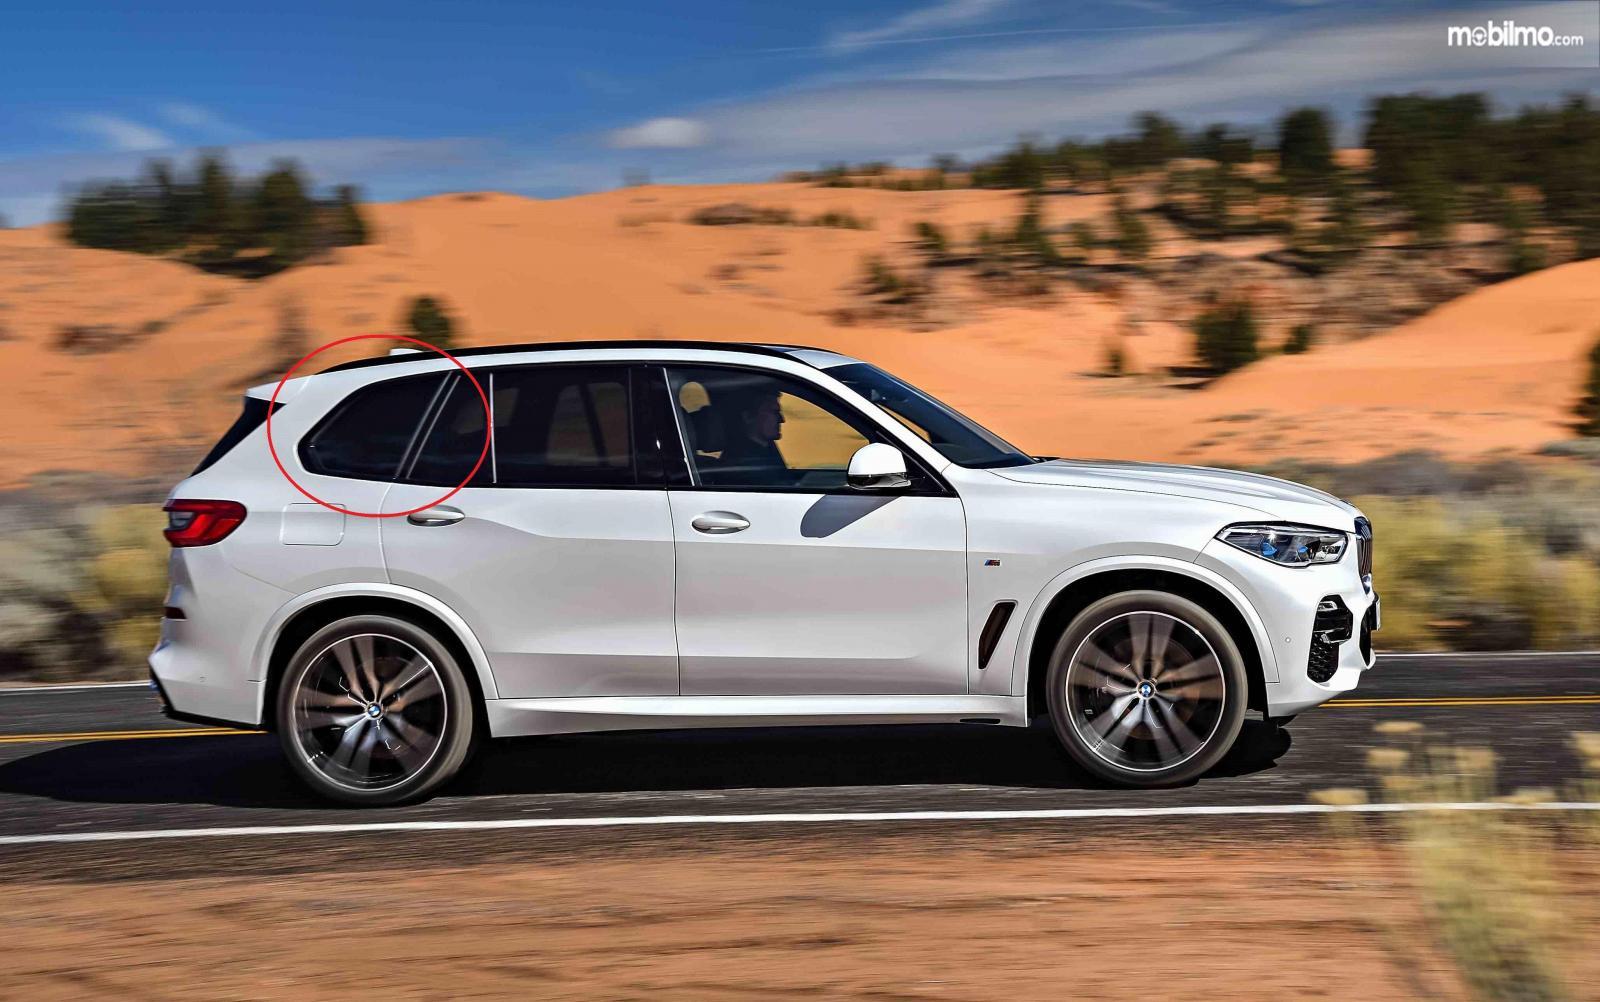 Foto bagian samping BMW X5 2019